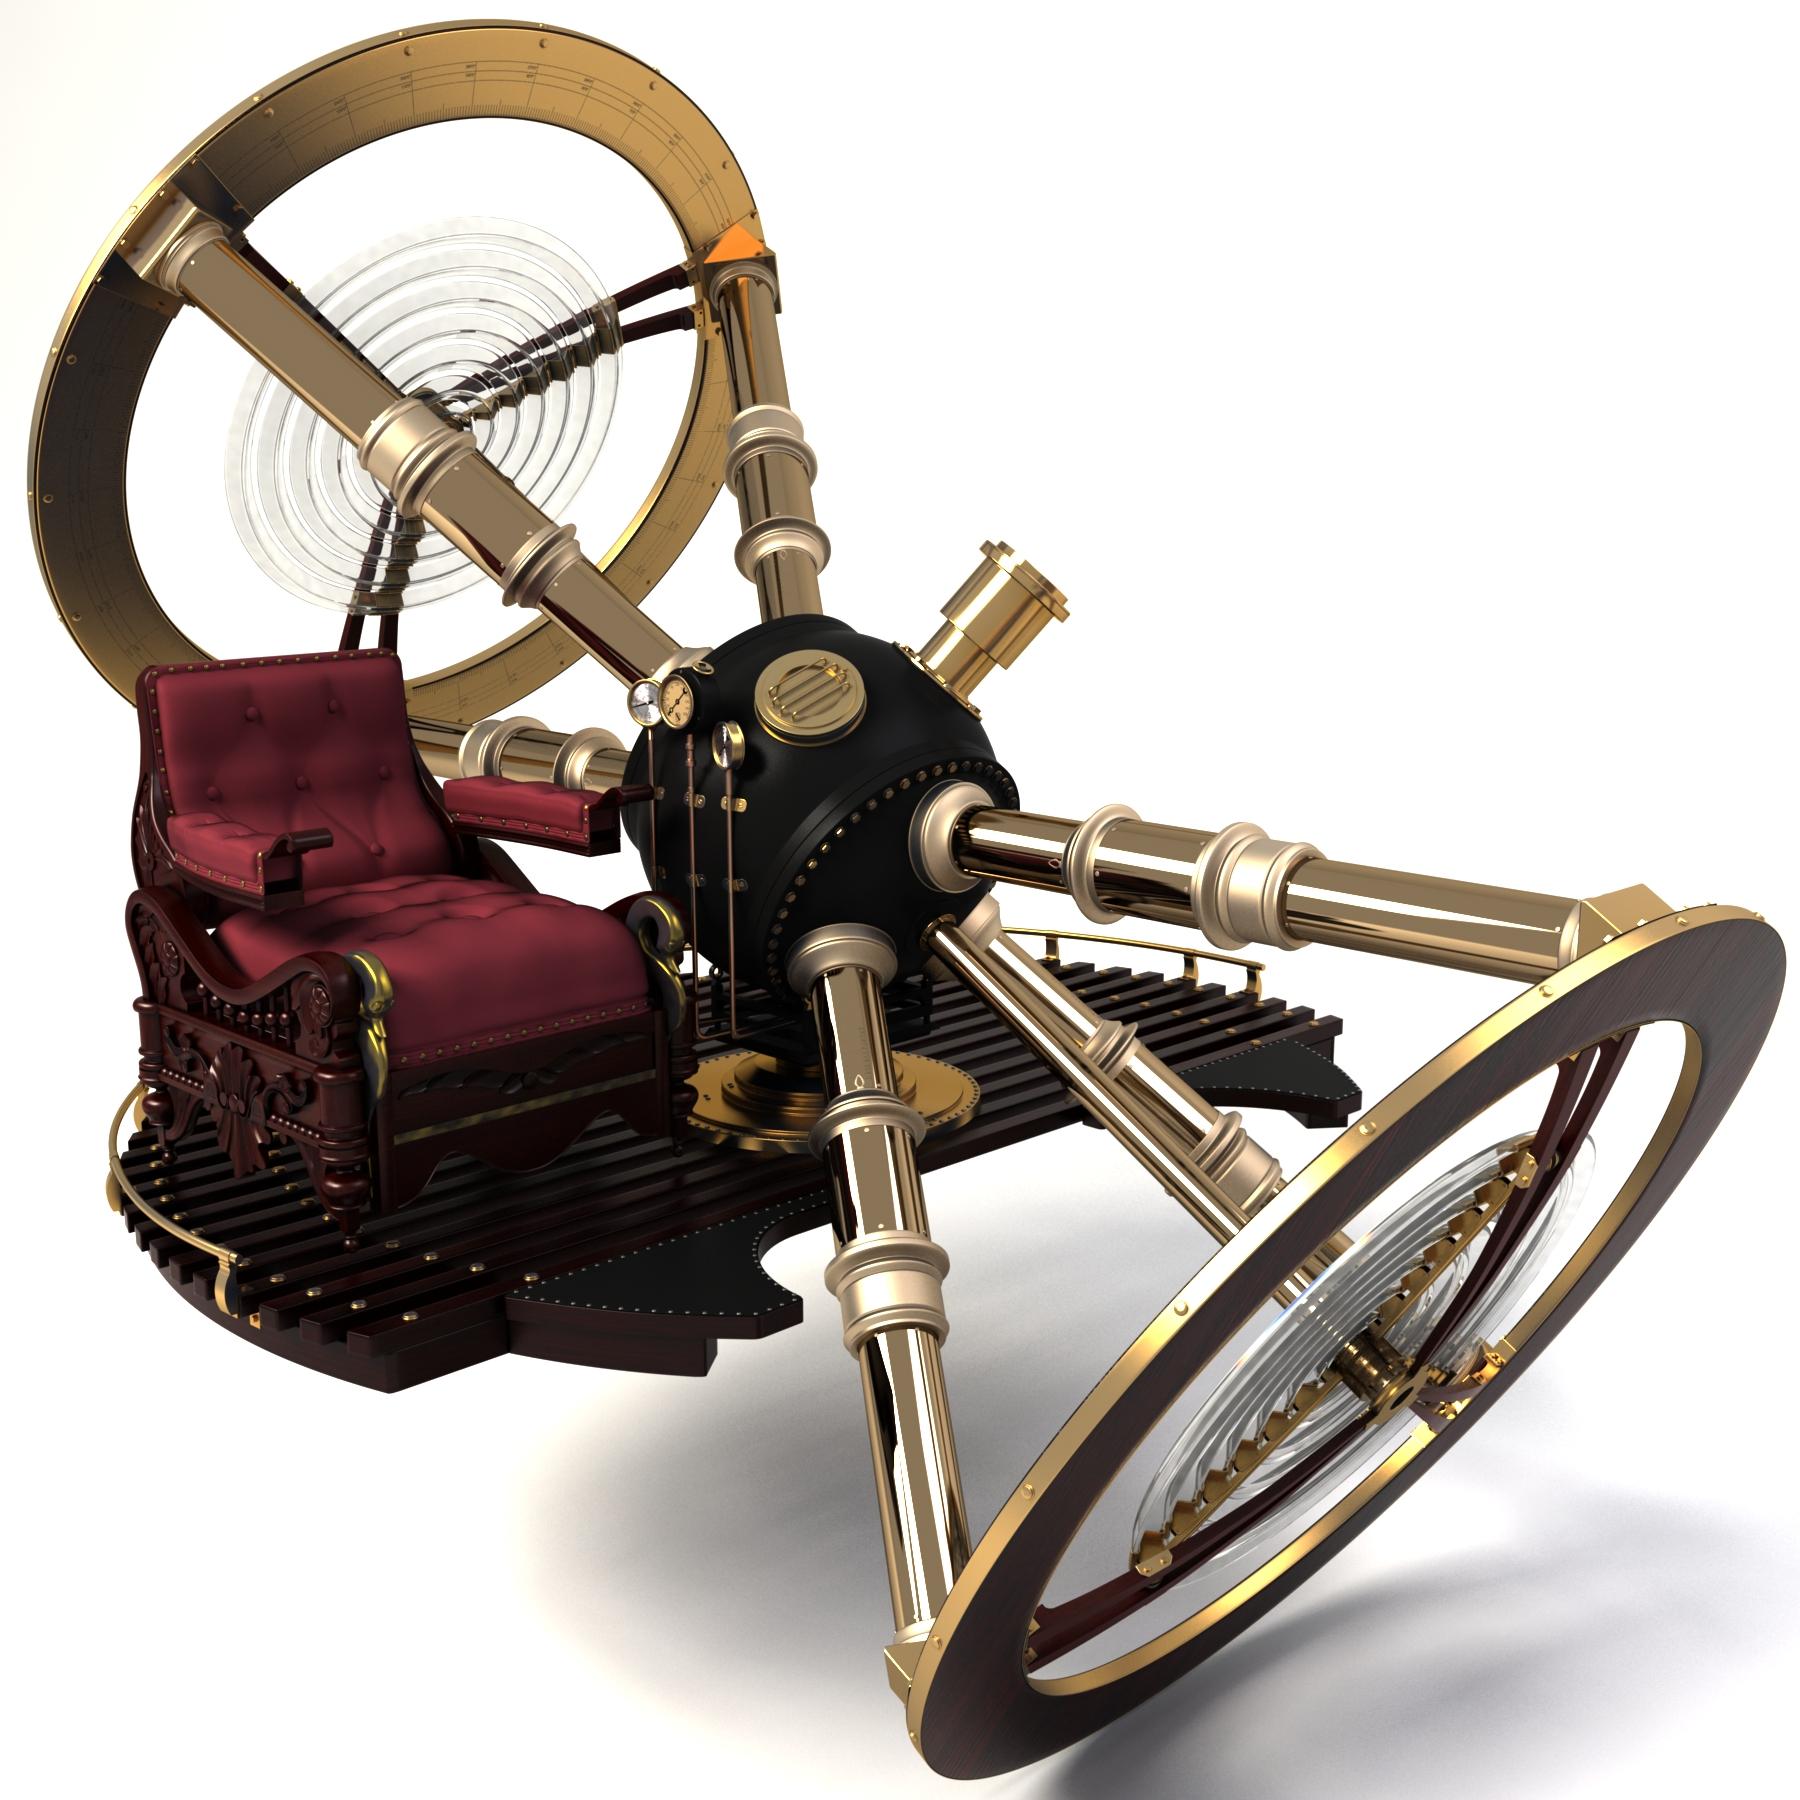 Maquina del tiempo versin 2002